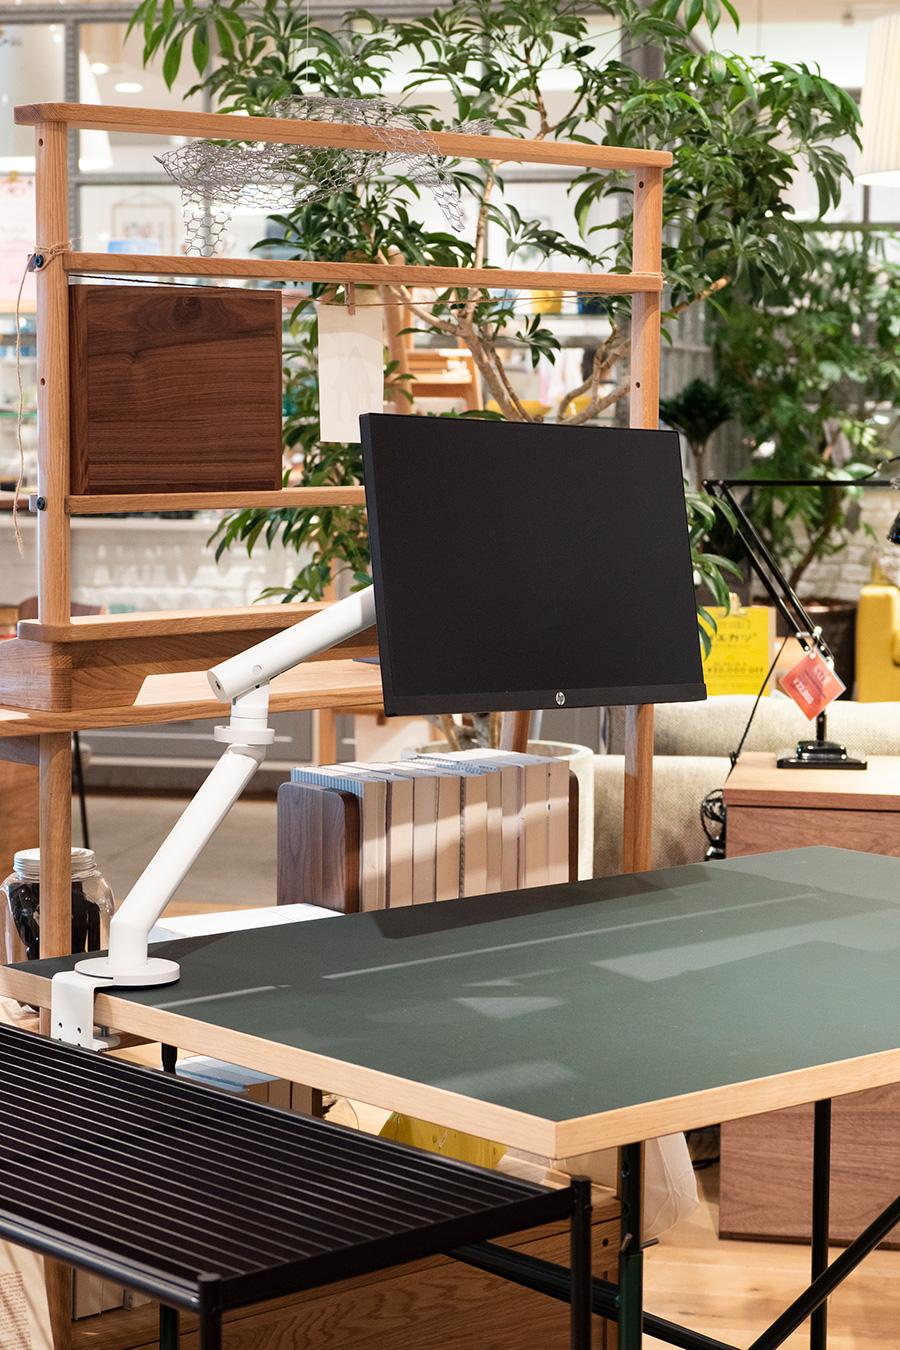 HERMAN MILLER FLO MONITOR ARMS WITH CLAMP¥34,980(税込)。クランプでモニターをテーブルに固定すれば、省スペースでメインとサブ2台の画面を使い分けられる。